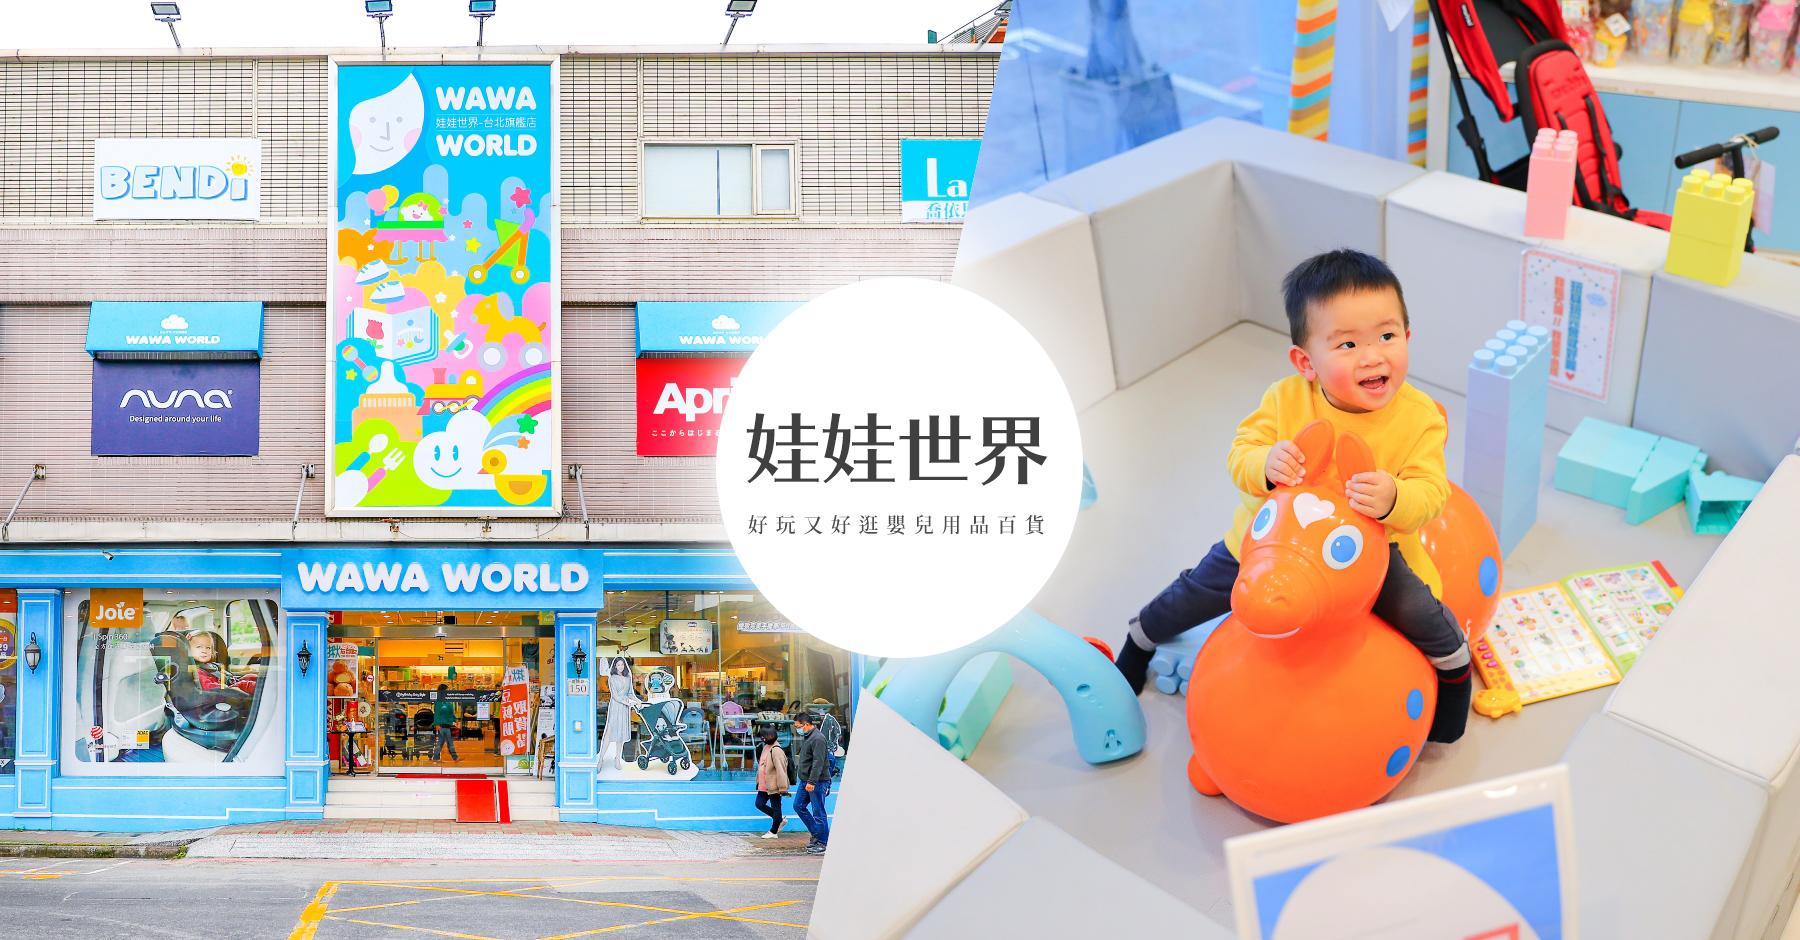 嬰兒用品店推薦|娃娃世界台北旗艦店|好玩好逛推薦必買寶寶用品嬰兒推車汽座